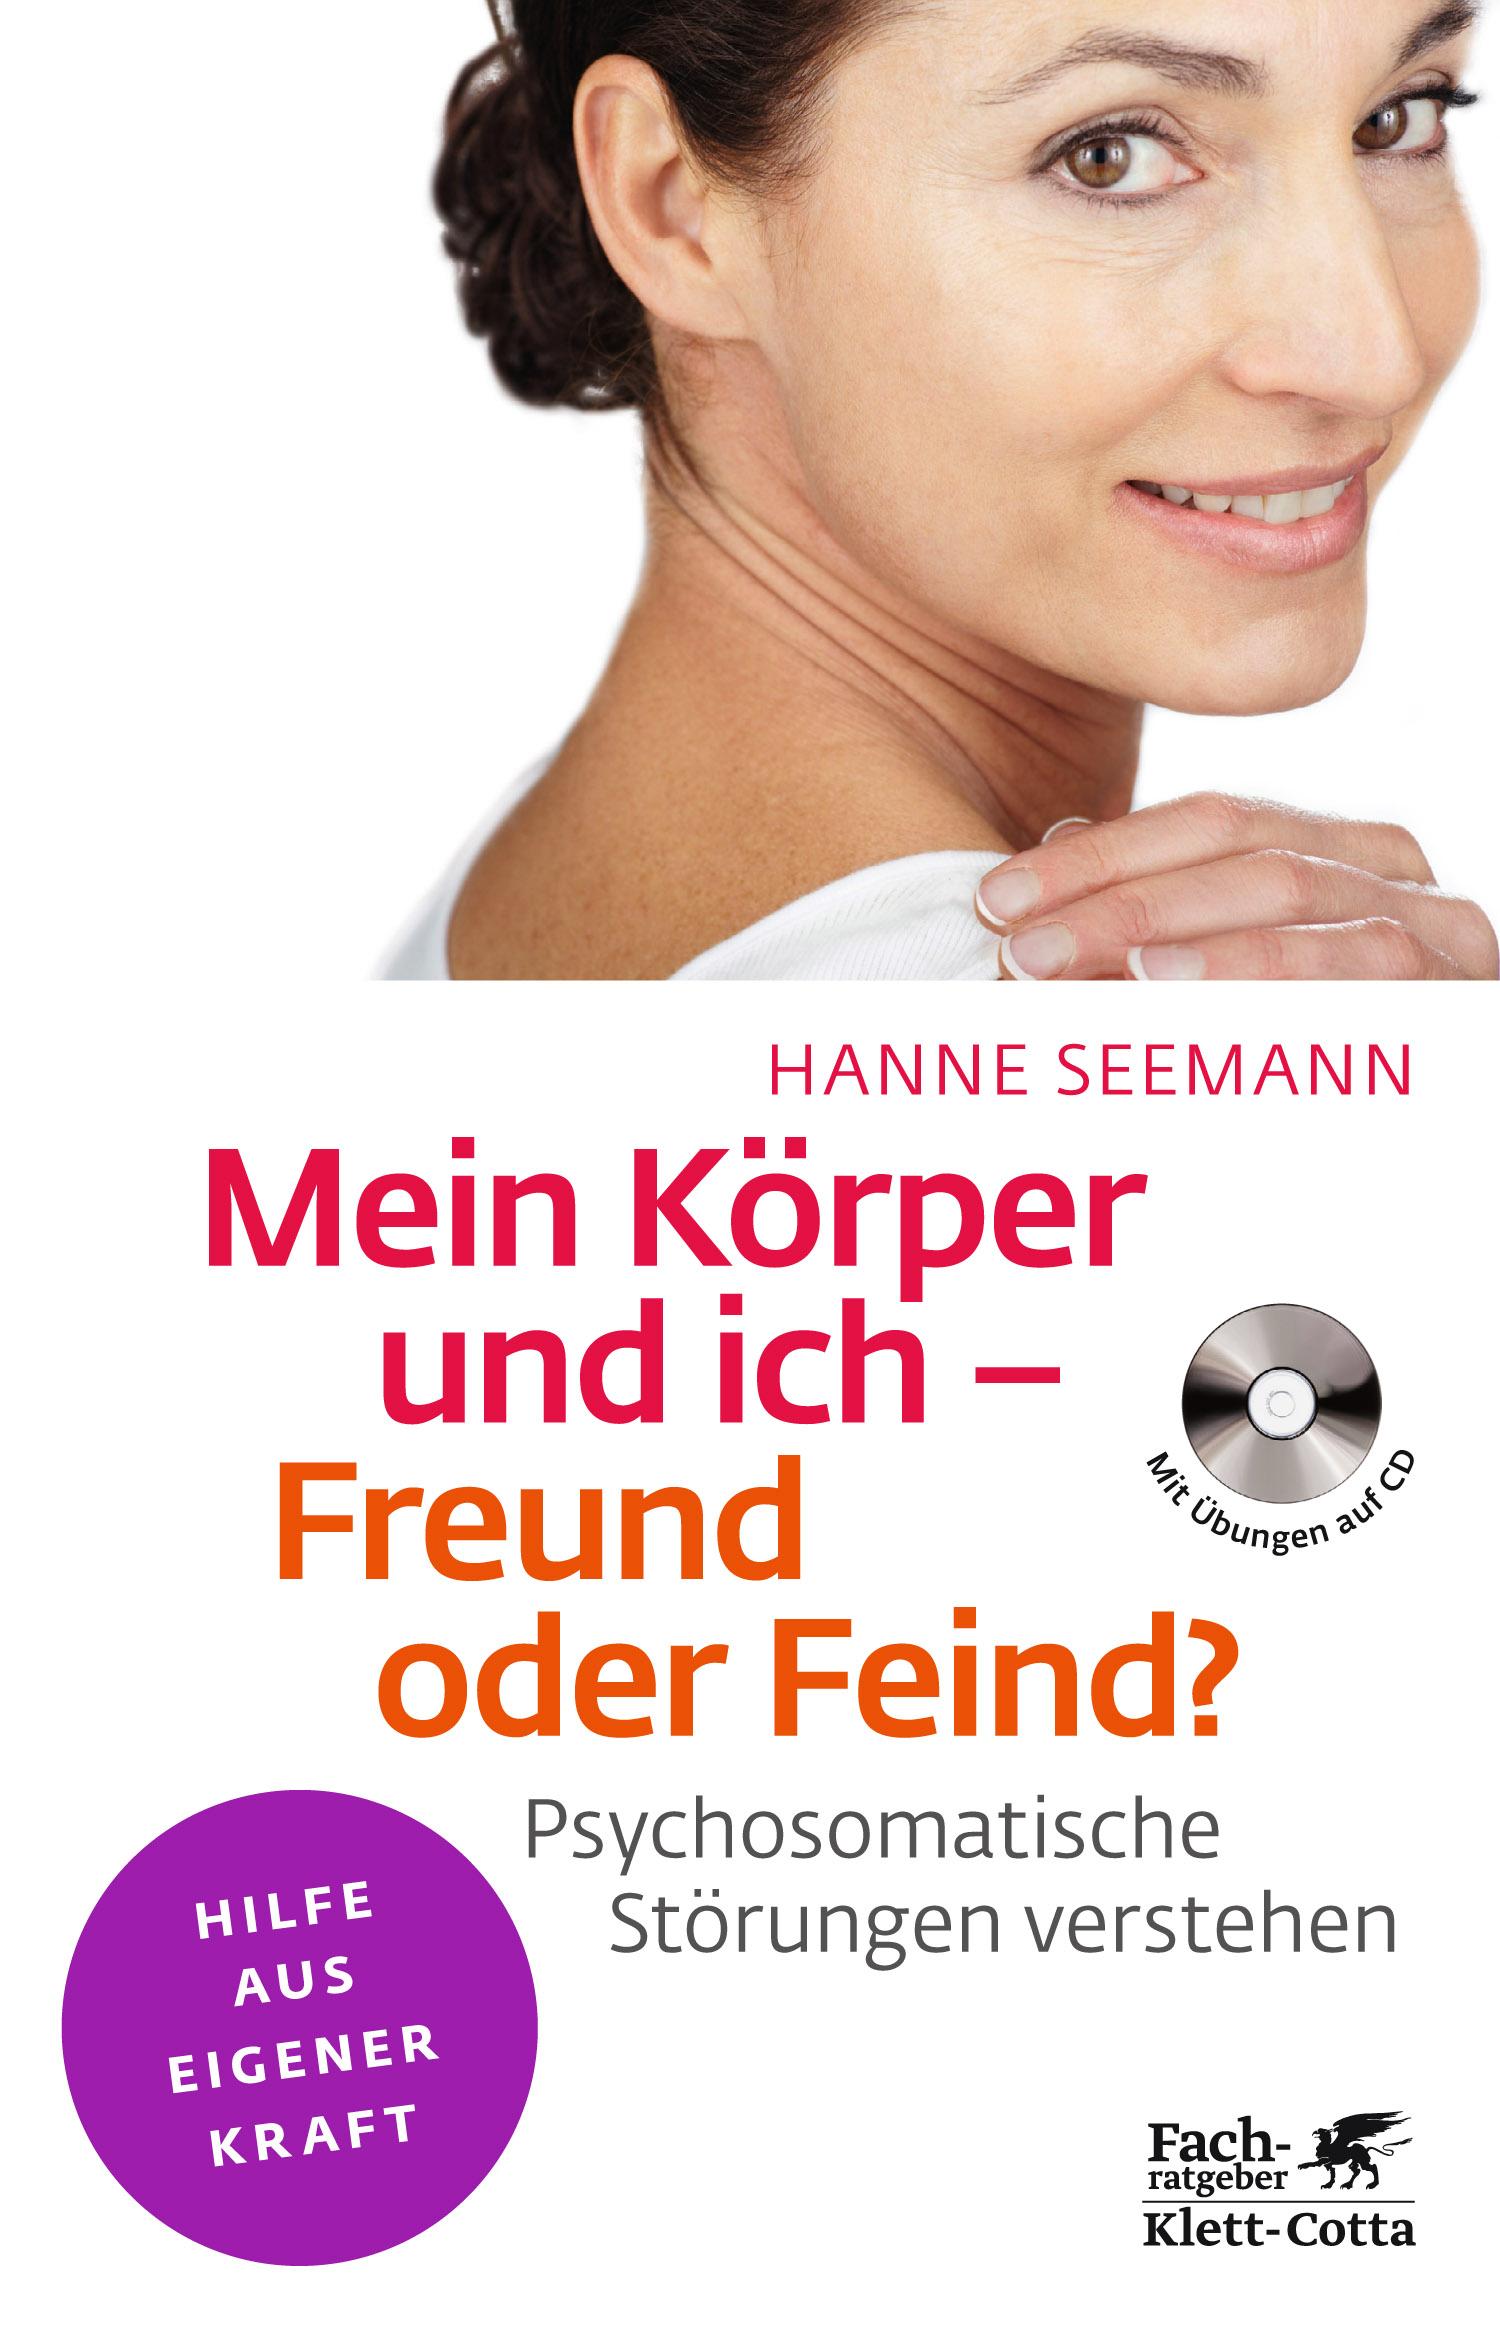 Mein Körper und ich - Freund oder Feind?: Psychosomatische Störungen verstehen - Hanne Seemann